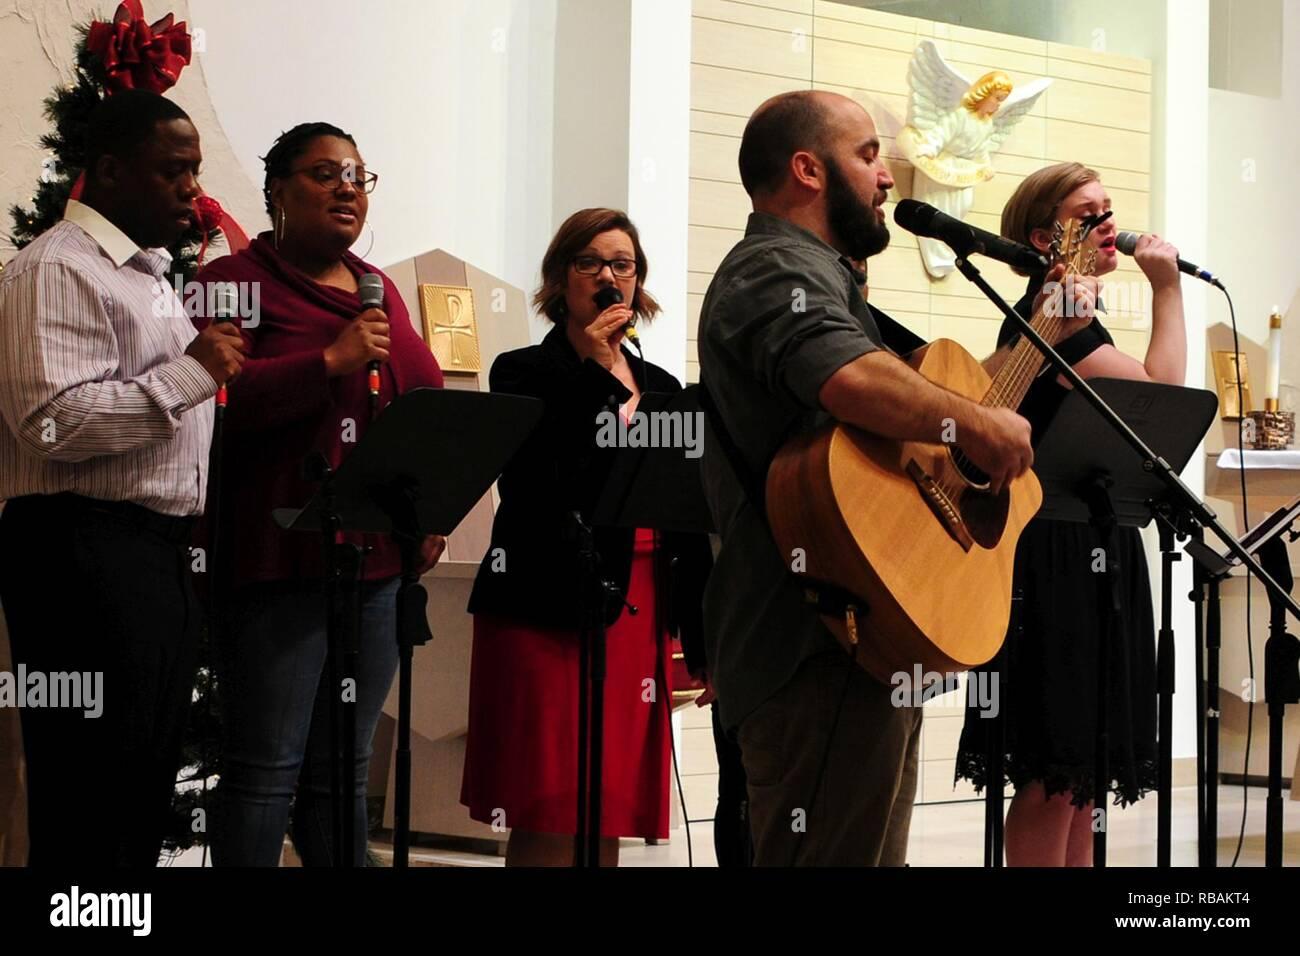 Kirchen Weihnachtslieder.Ein Chor Singt Weihnachtslieder Während Weihnachten Service Am